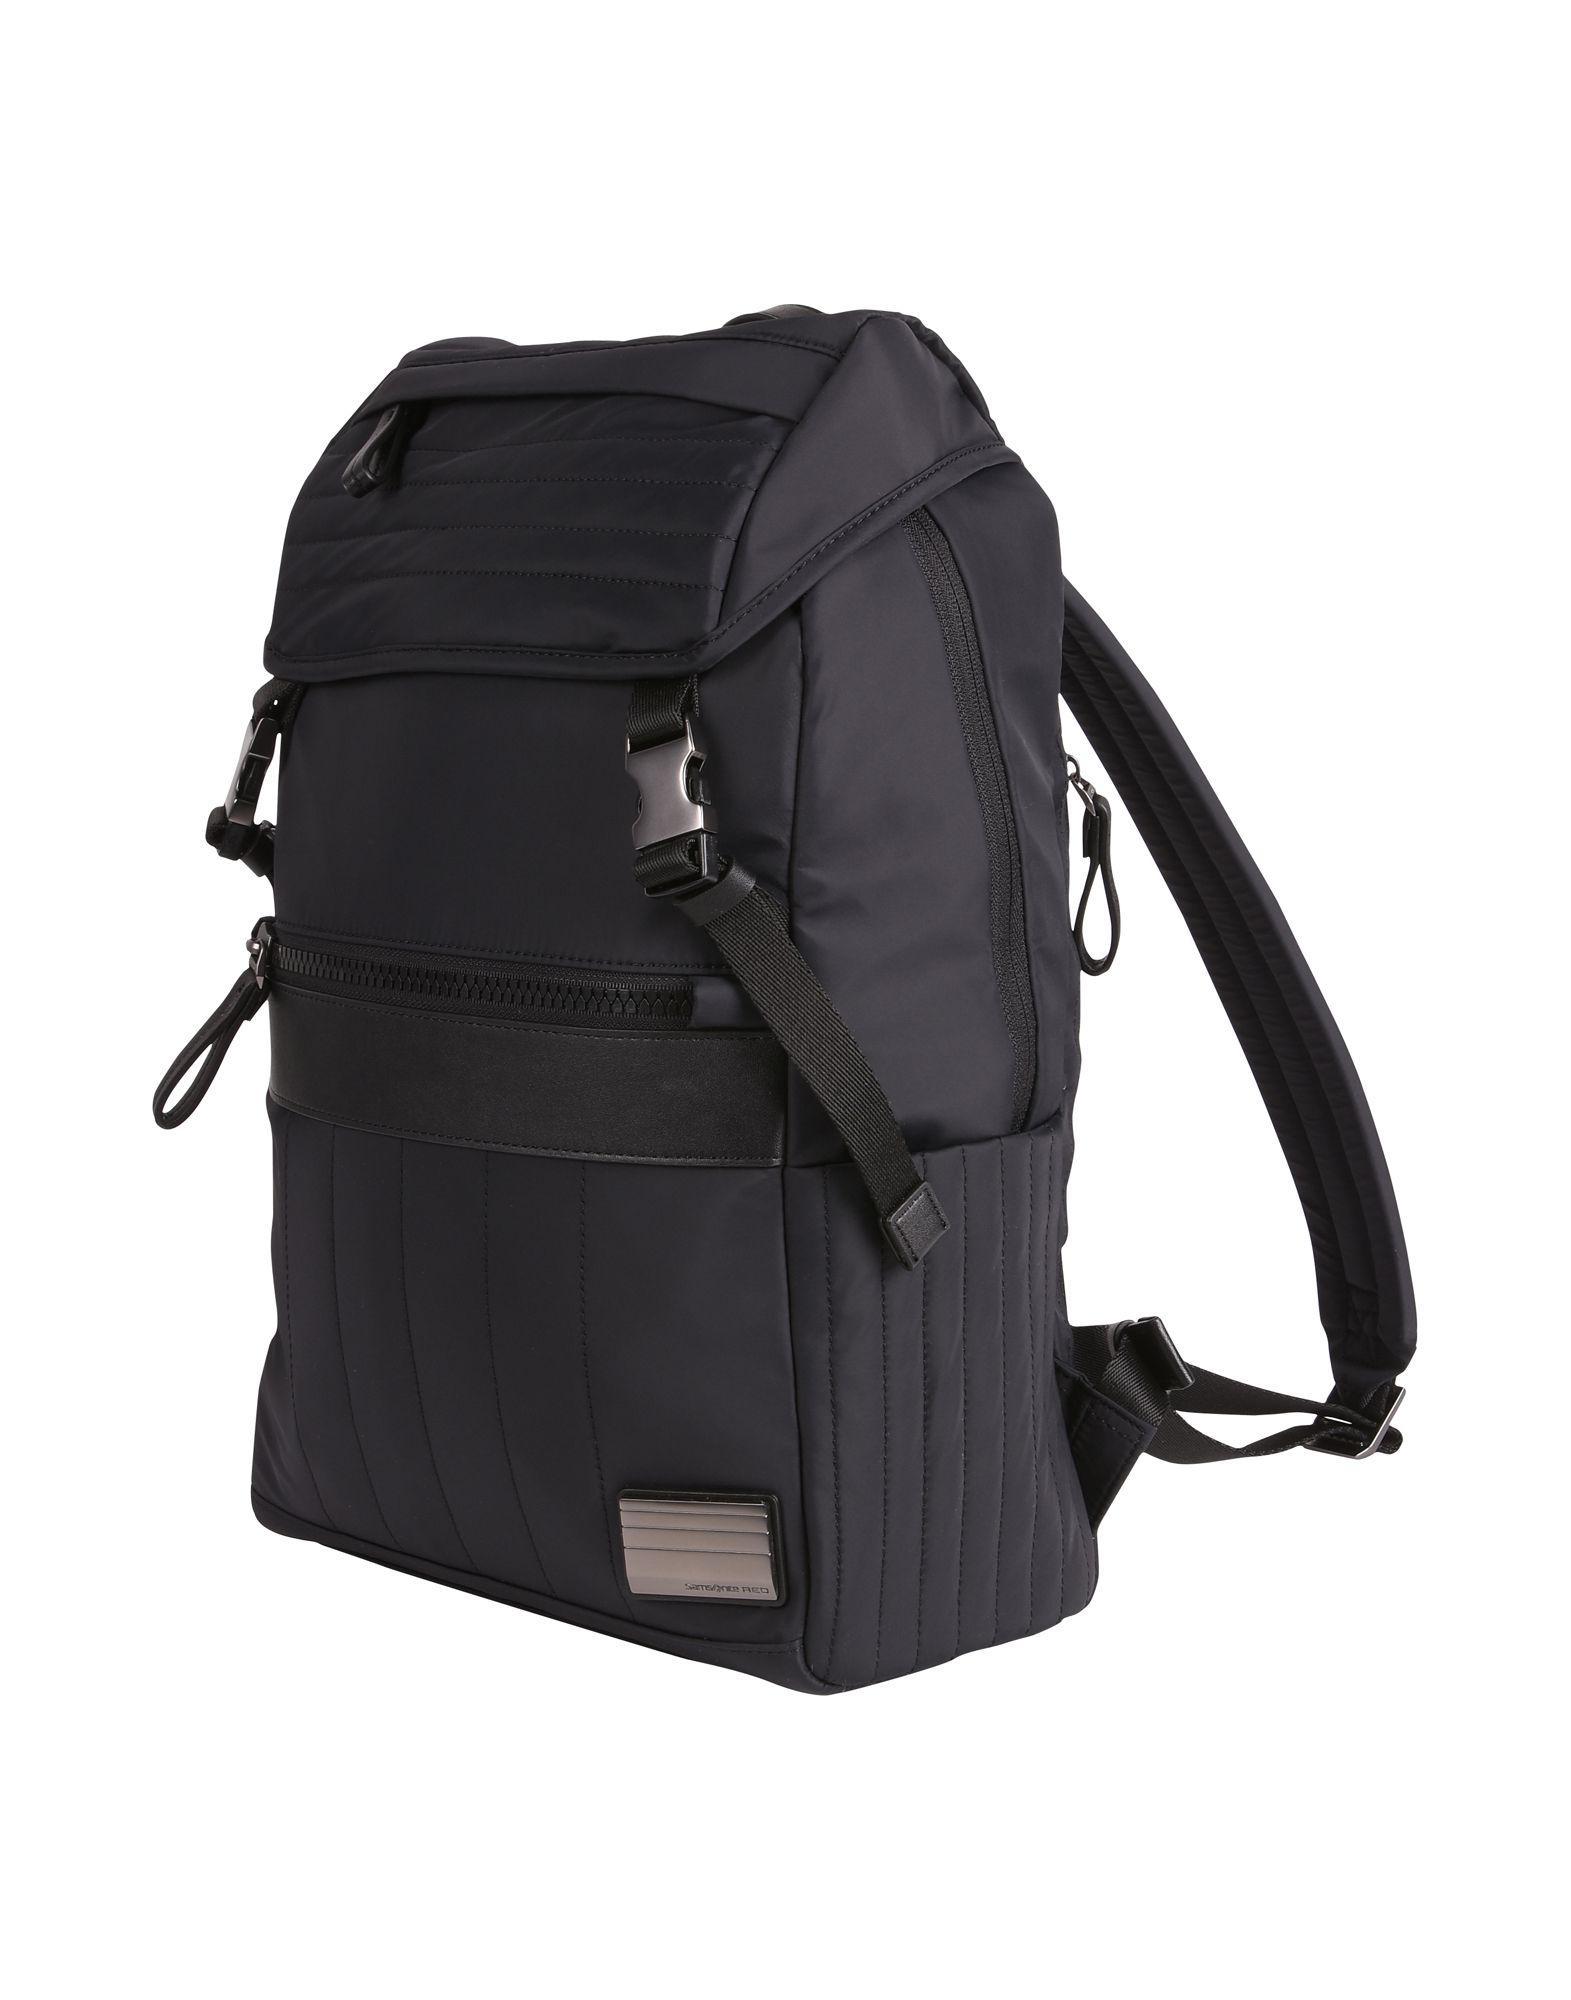 Lyst - Samsonite Backpacks   Fanny Packs in Black for Men ac94597623a77